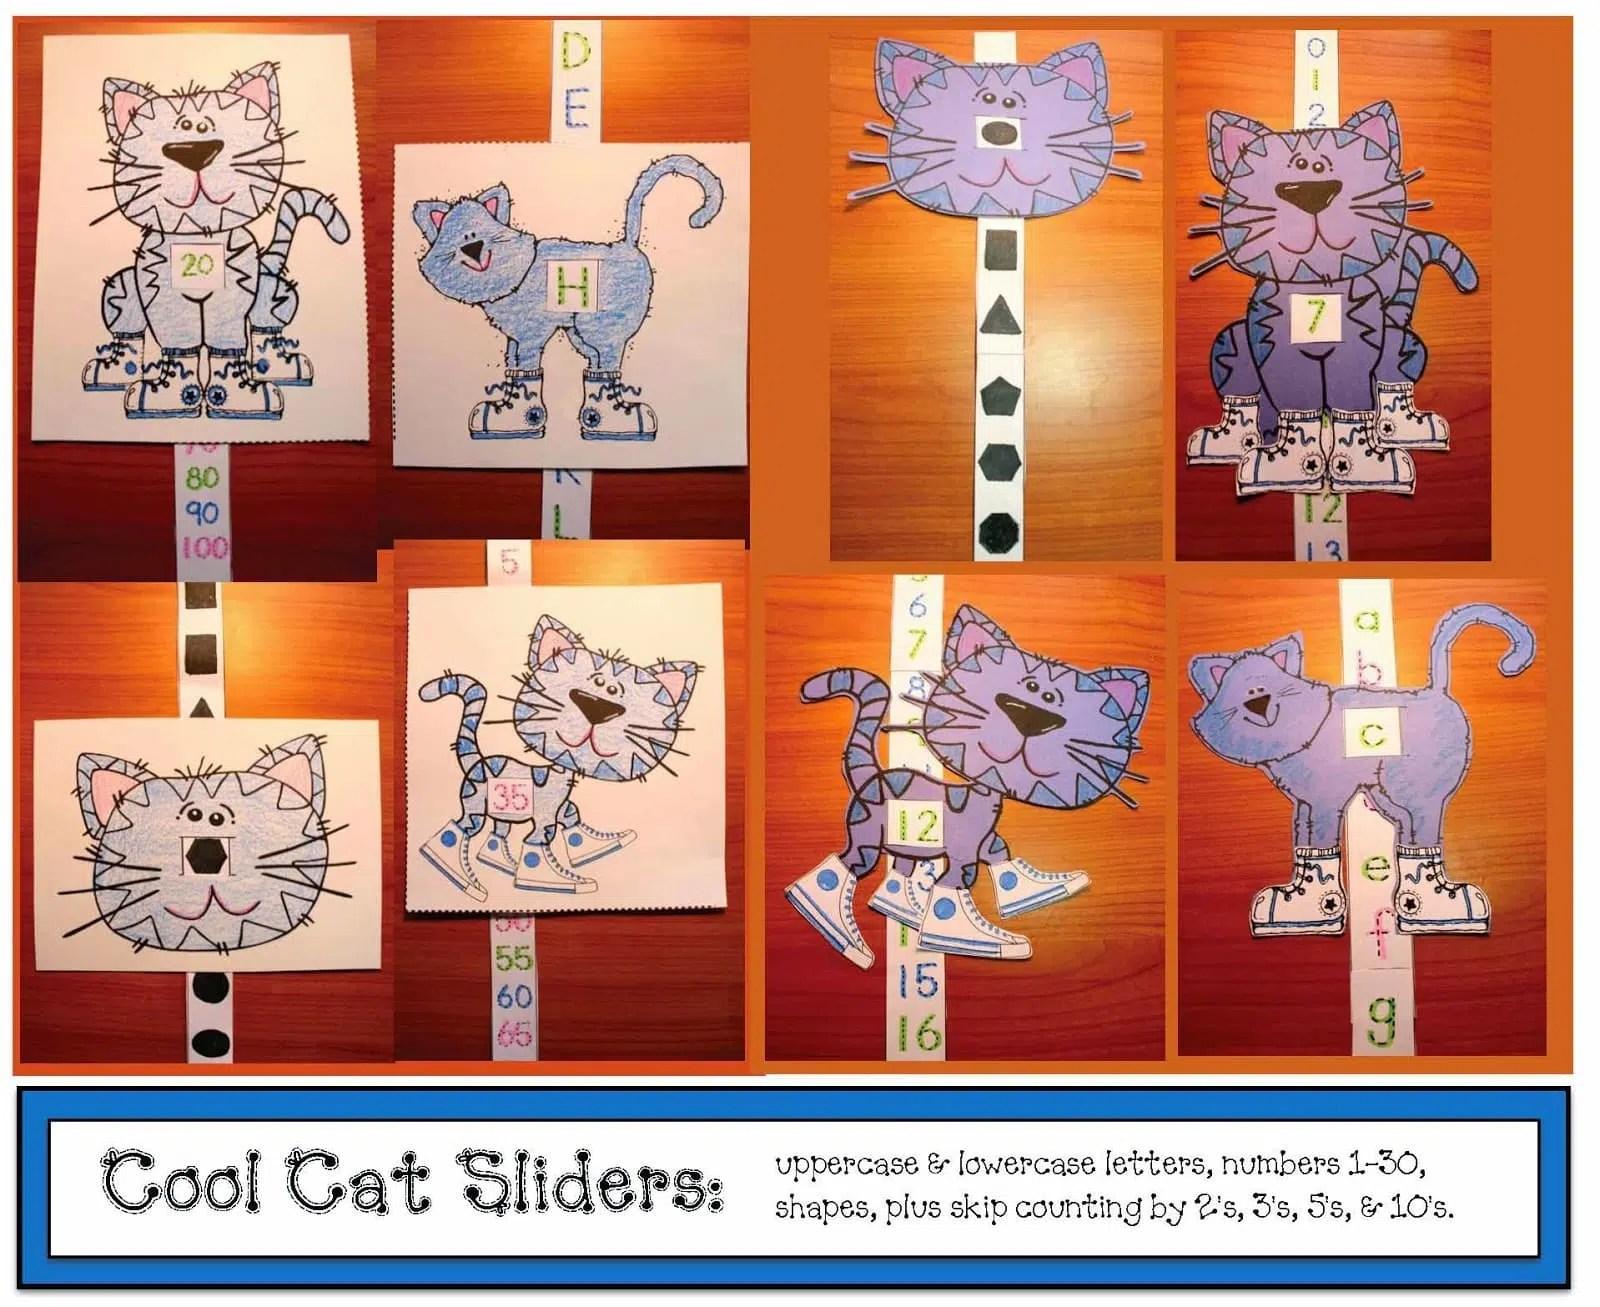 Cool Cat Sliders